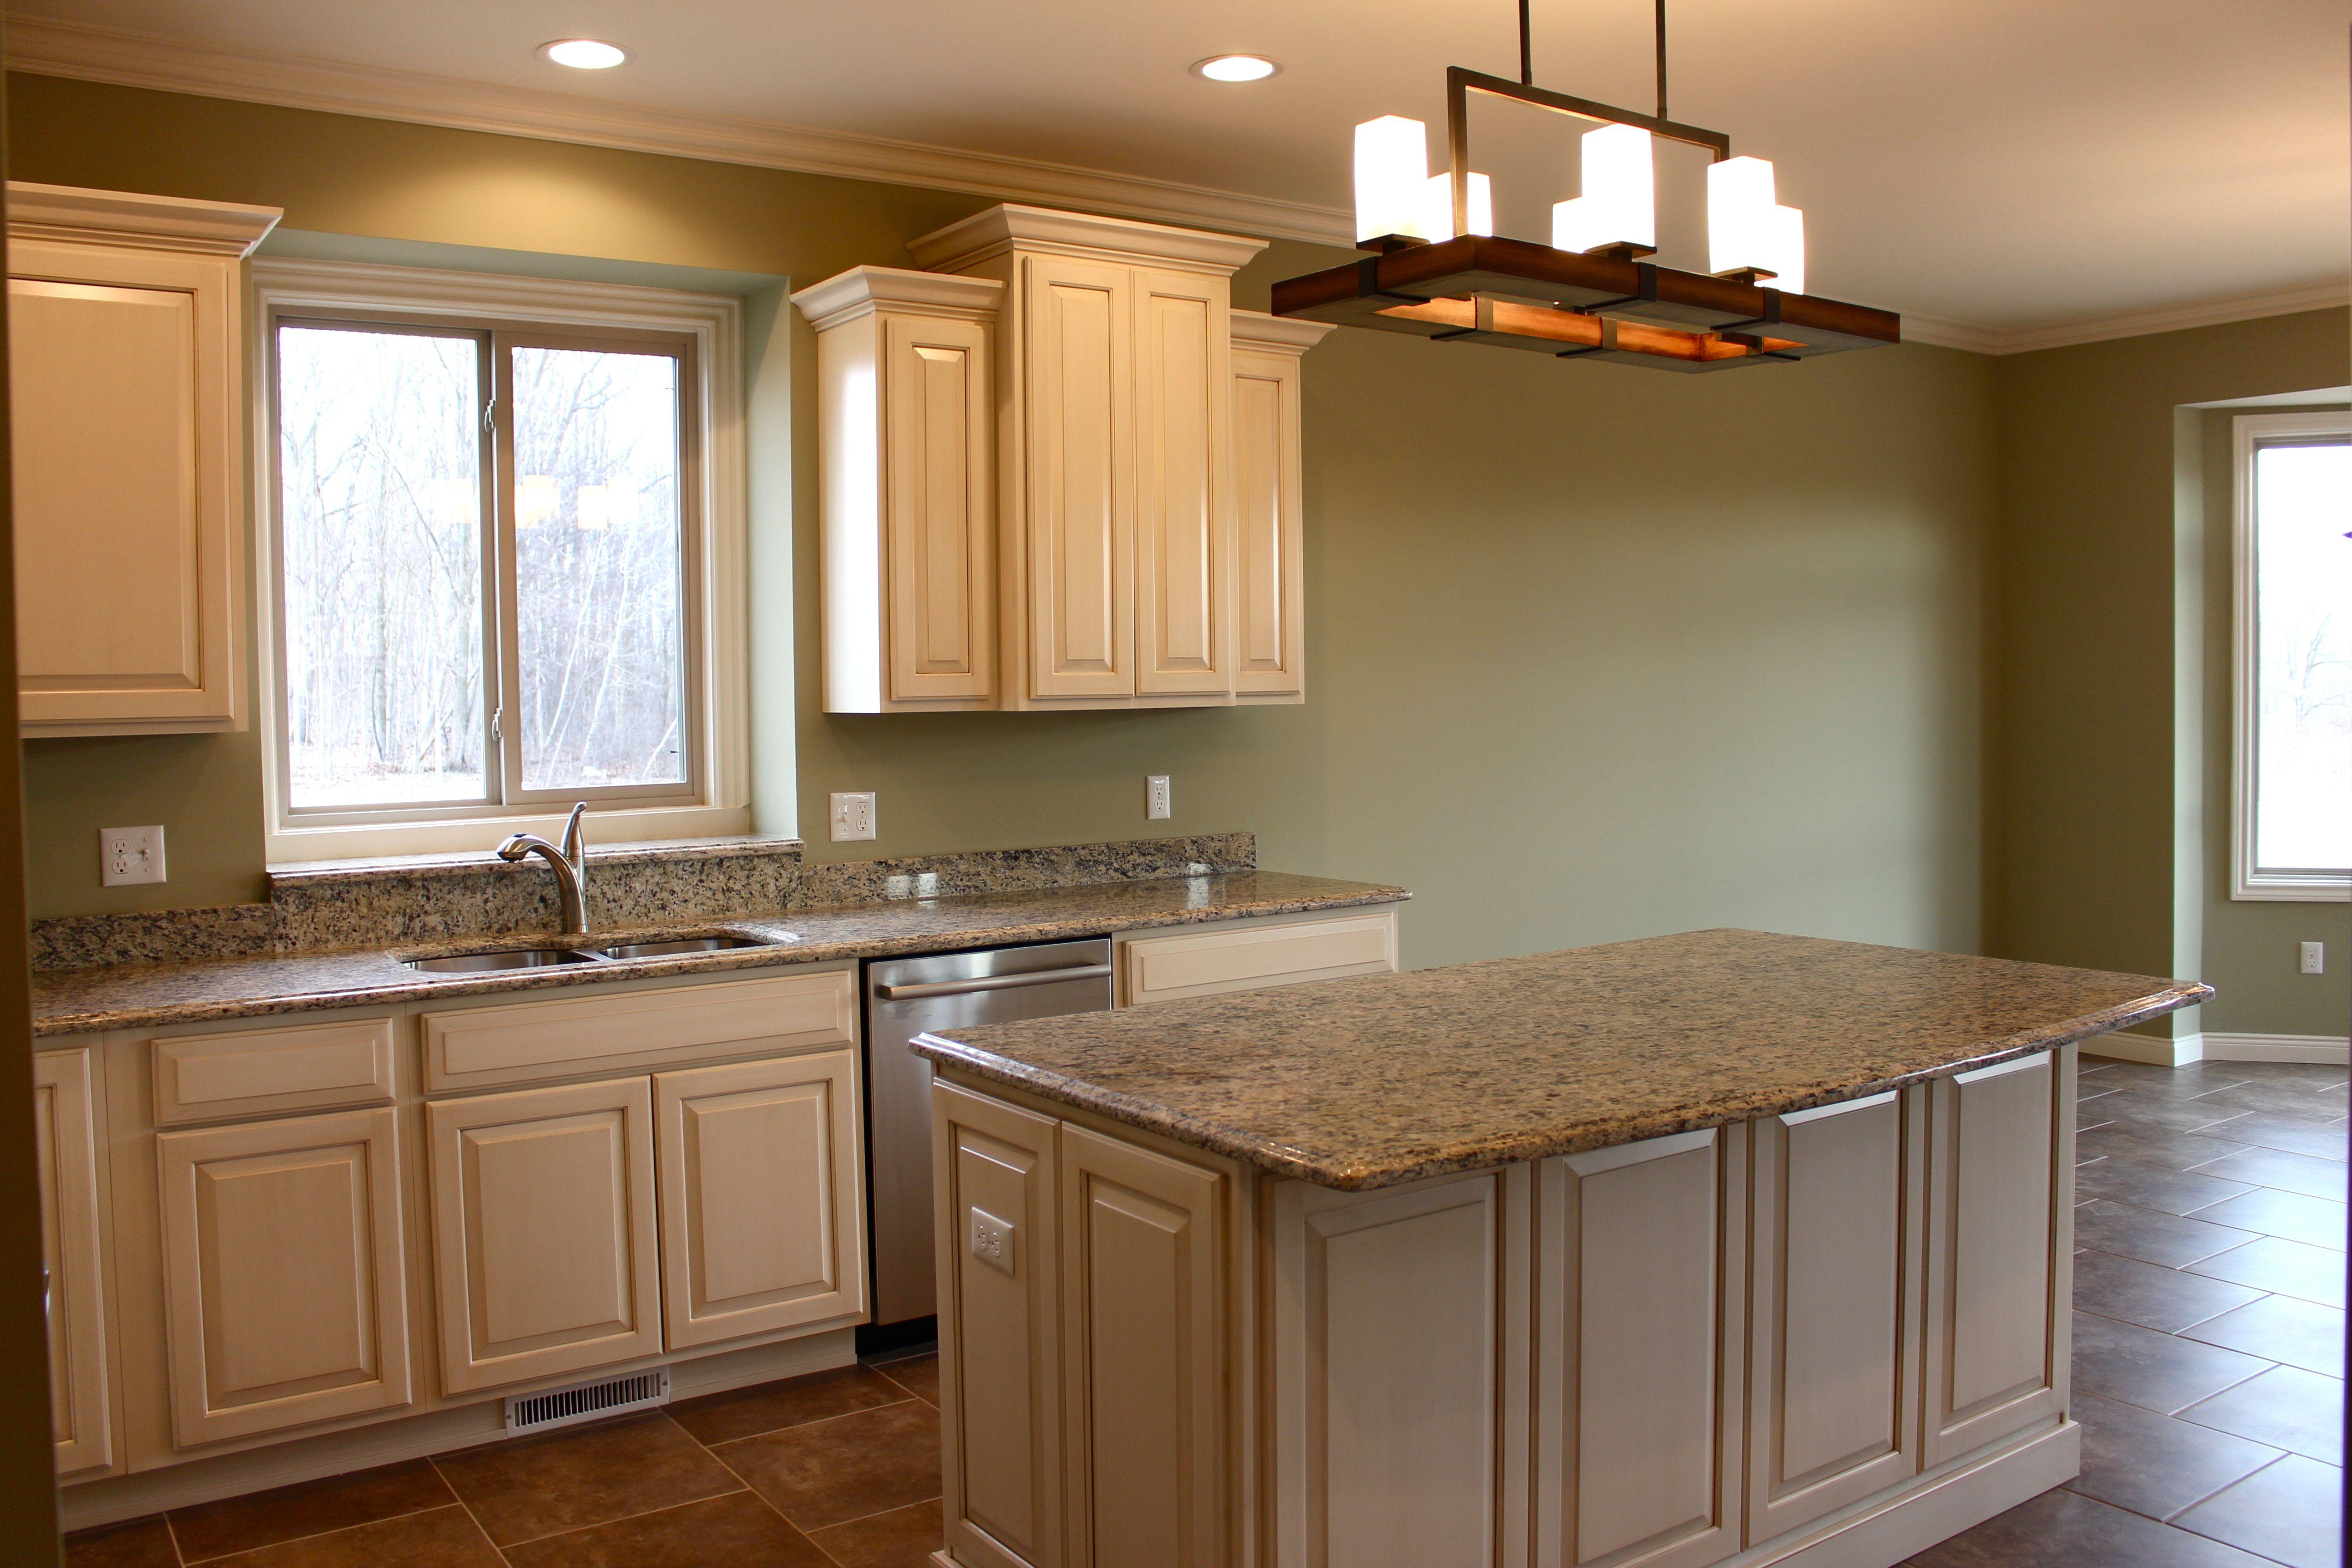 Cabinets By Lafata: Jamestown, Maple, Latte   Counter Tops: Santa Sicilia